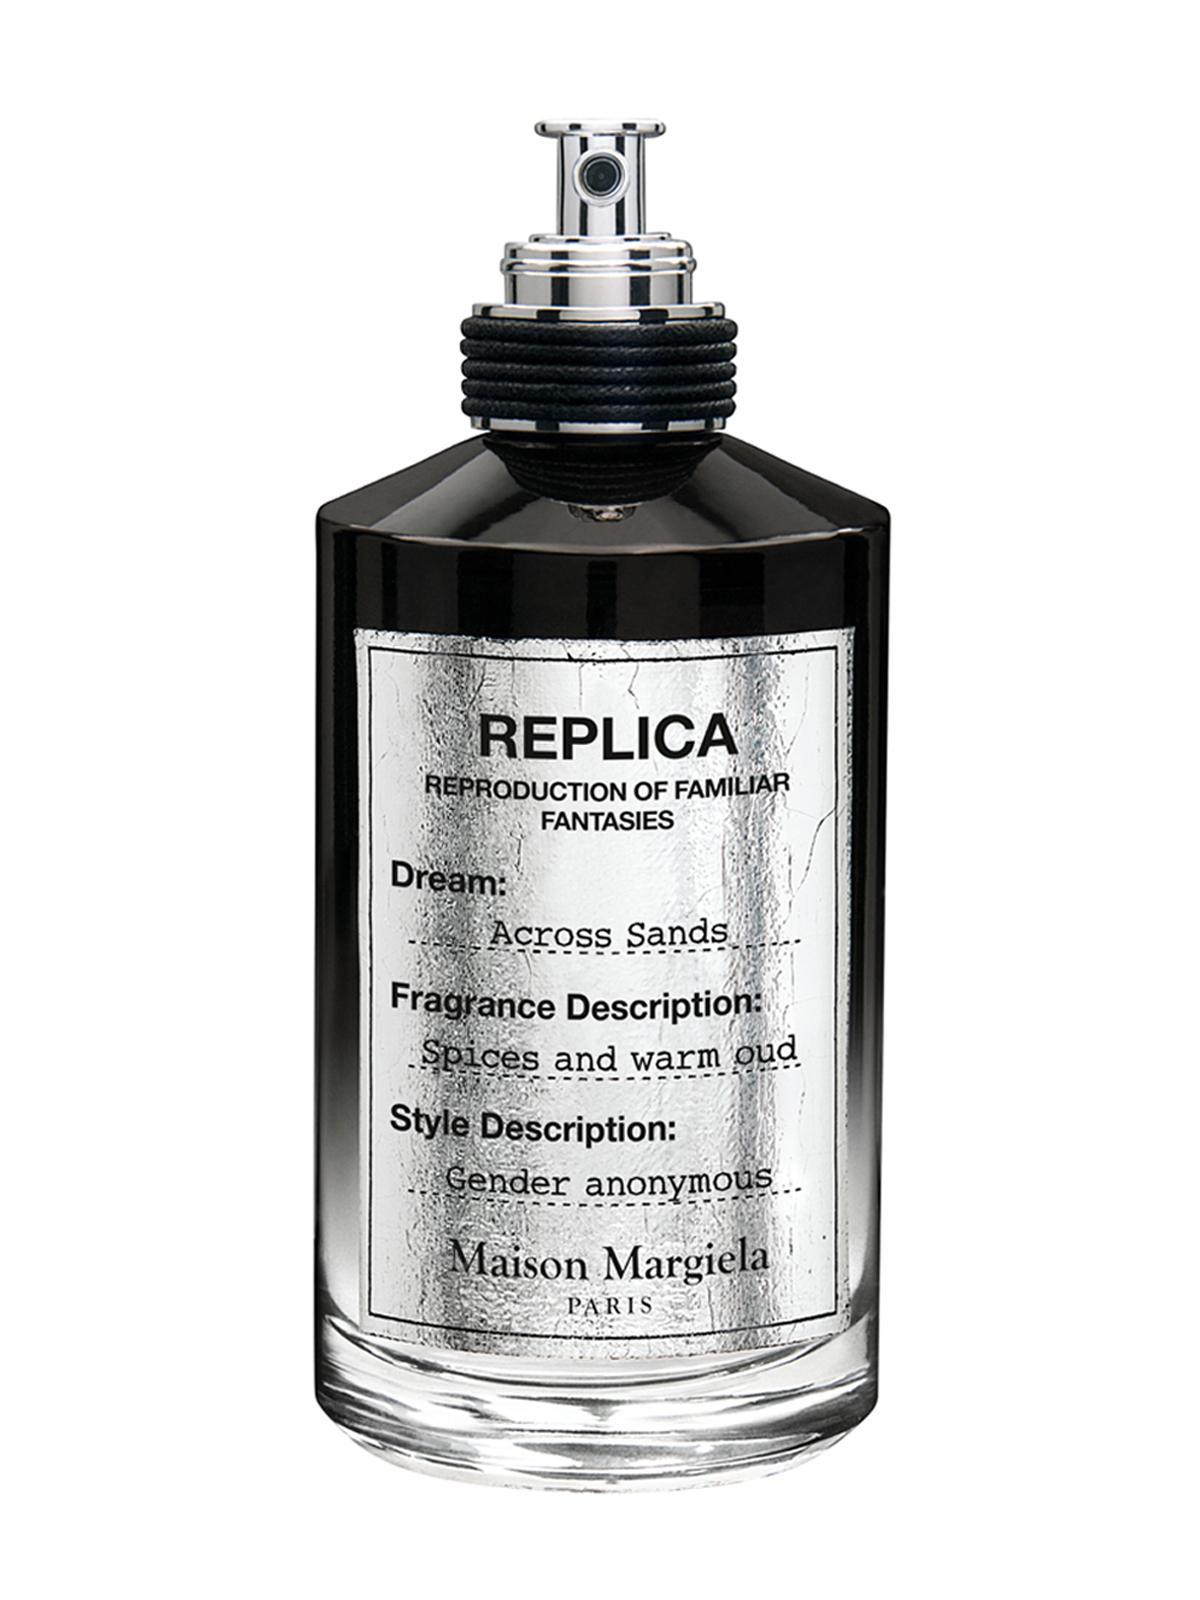 Maison Margiela Replica Across Sands For Unisex Eau De Parfum 100ml